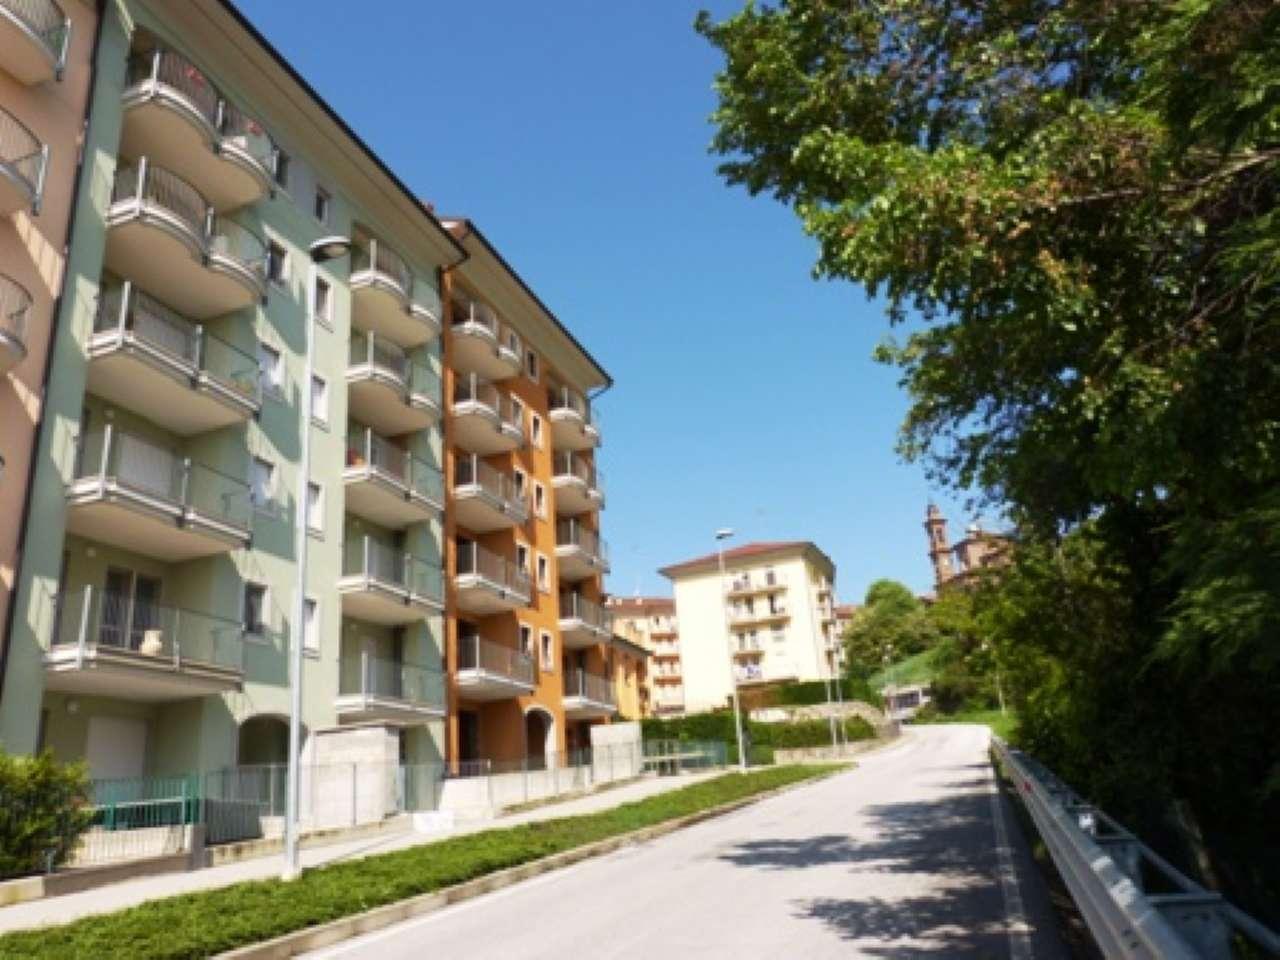 Appartamento in vendita a Fossano, 3 locali, prezzo € 148.000 | CambioCasa.it